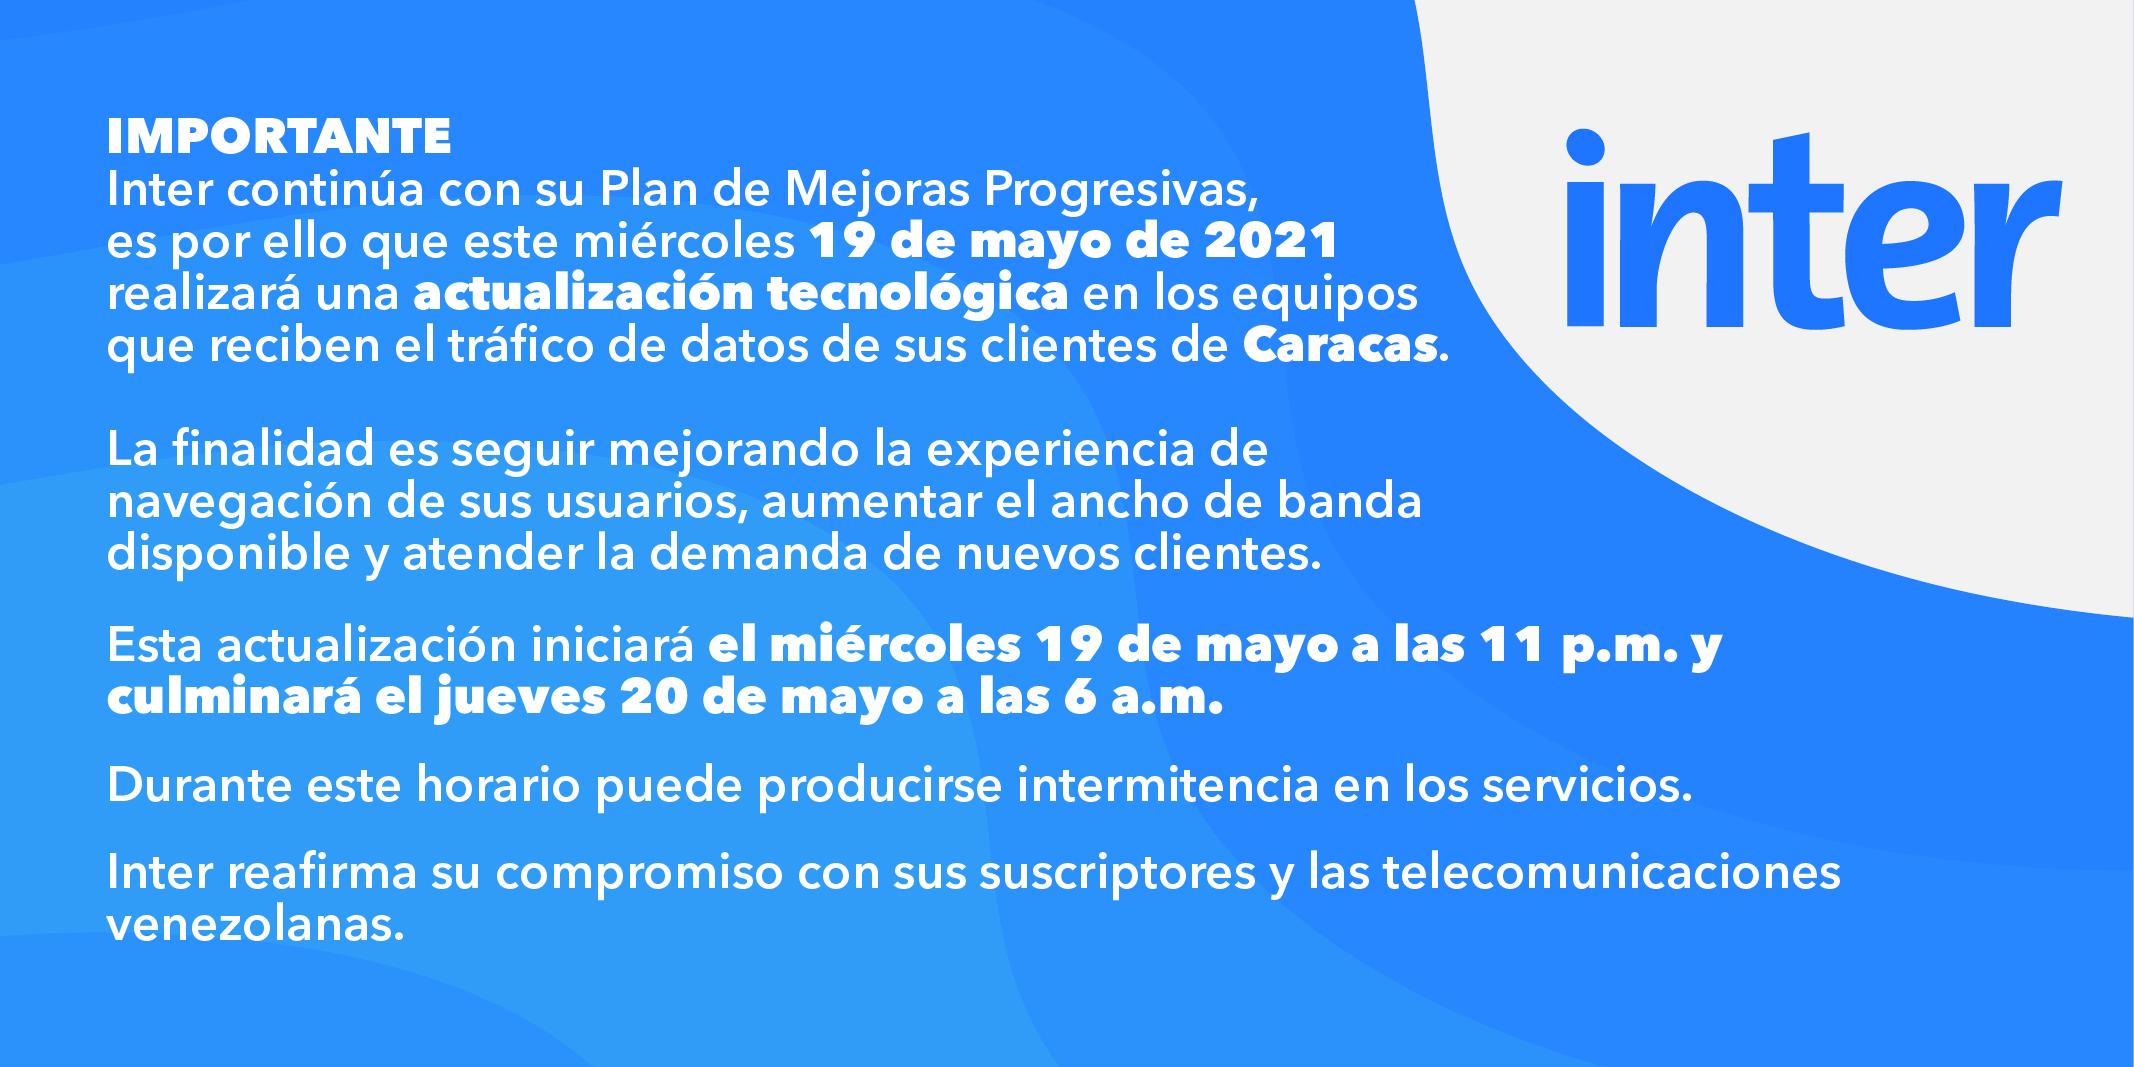 Inter realizará actualización tecnológica desde este 19 de mayo